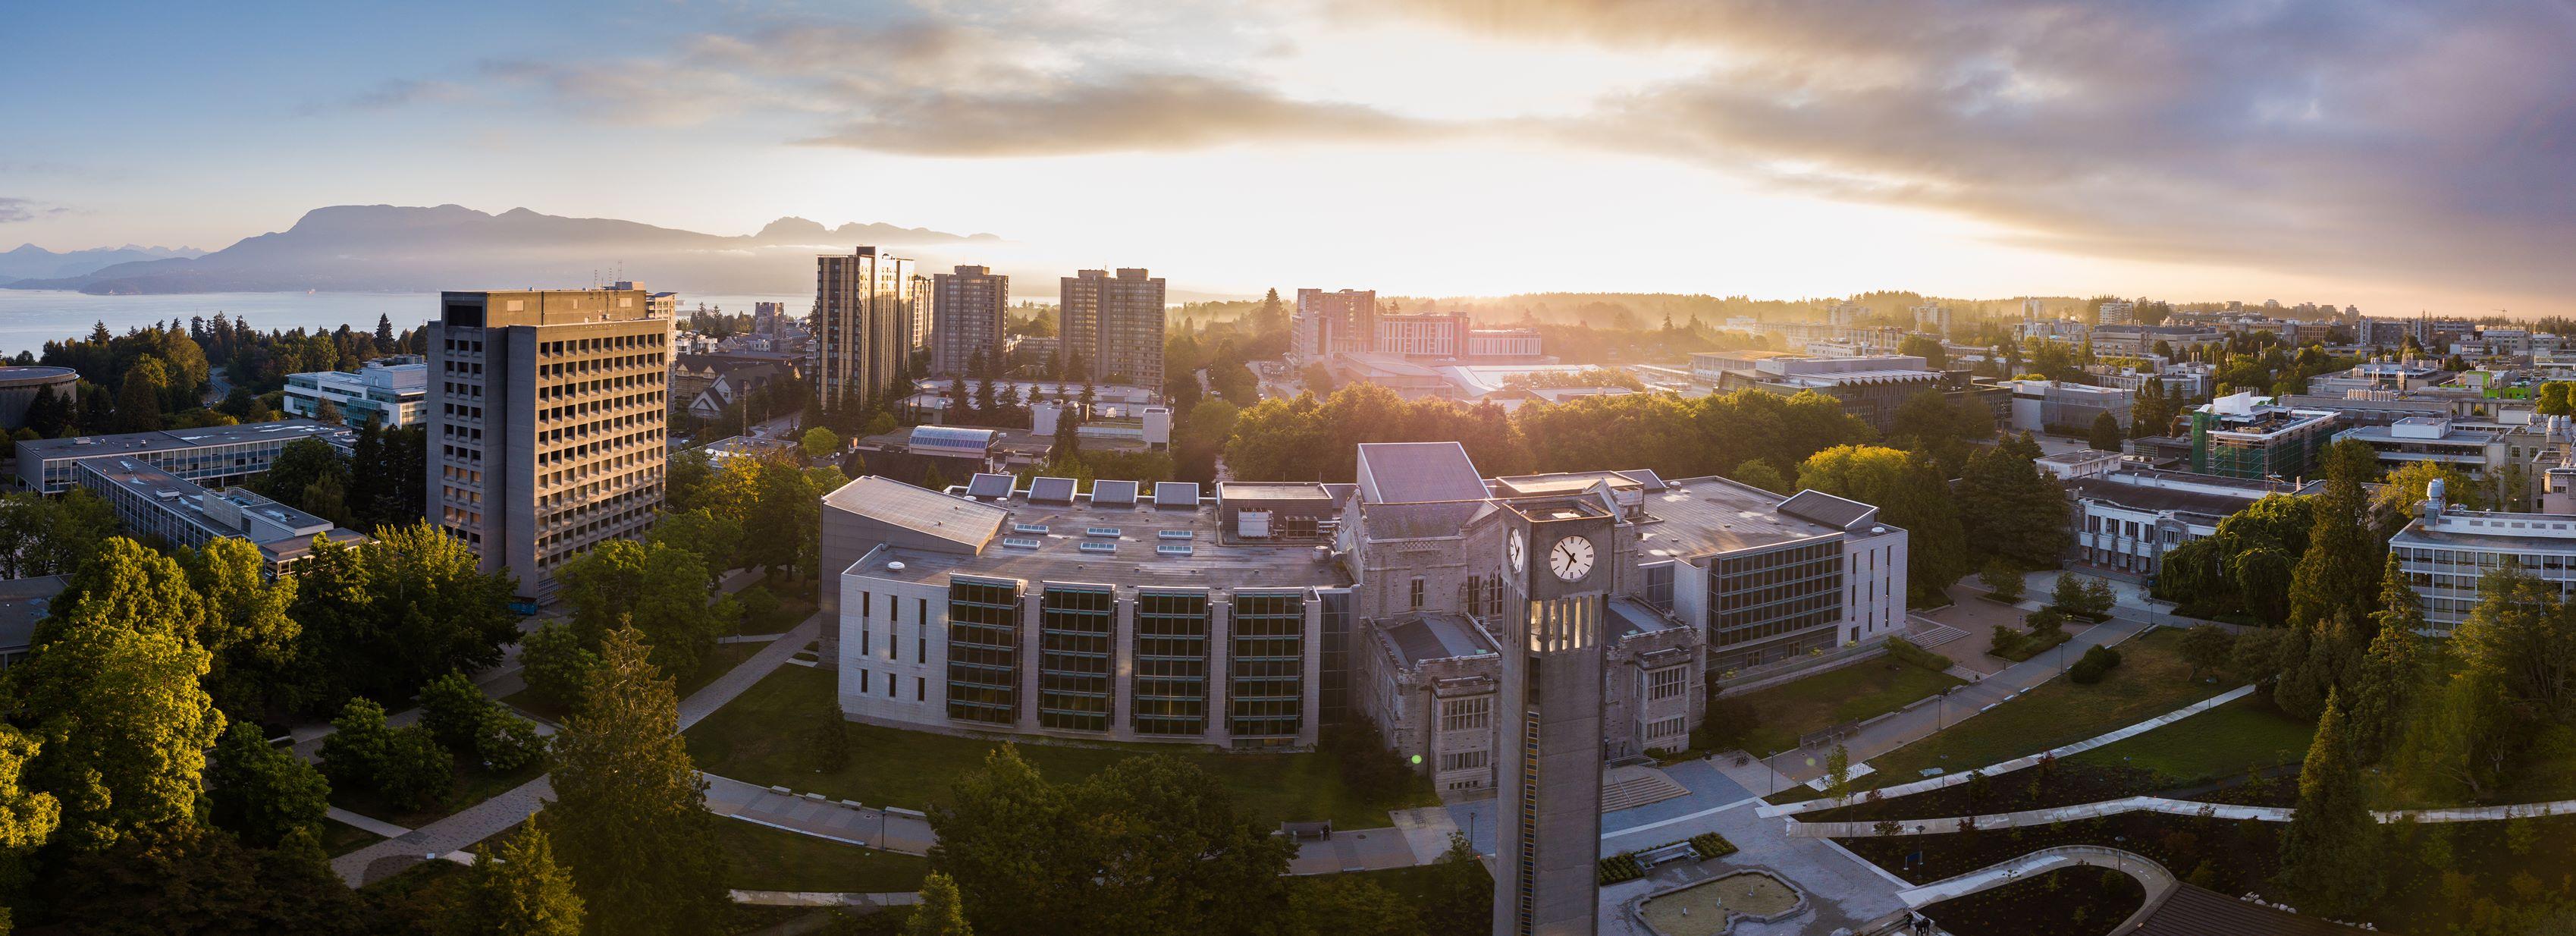 جامعة كولومبيا البريطانية | University of British Columbia ...